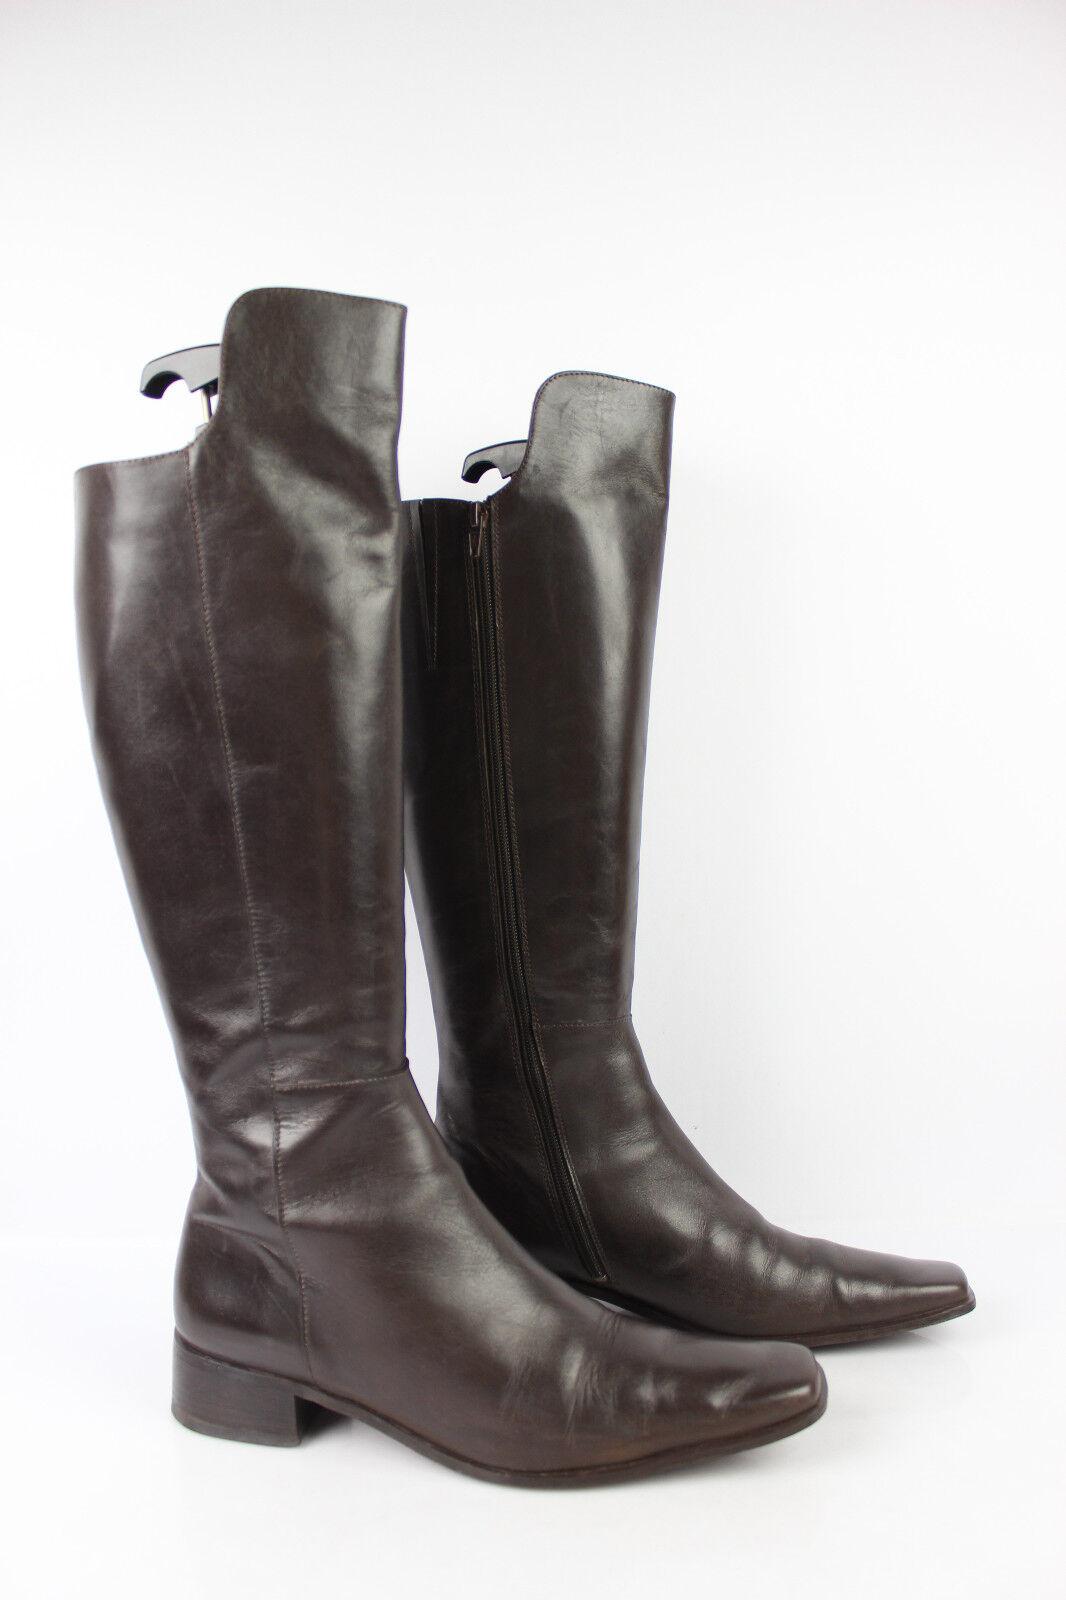 botas botas botas Genoux DERHY Cuir marrón T 41 TRES BON ETAT  tienda de venta